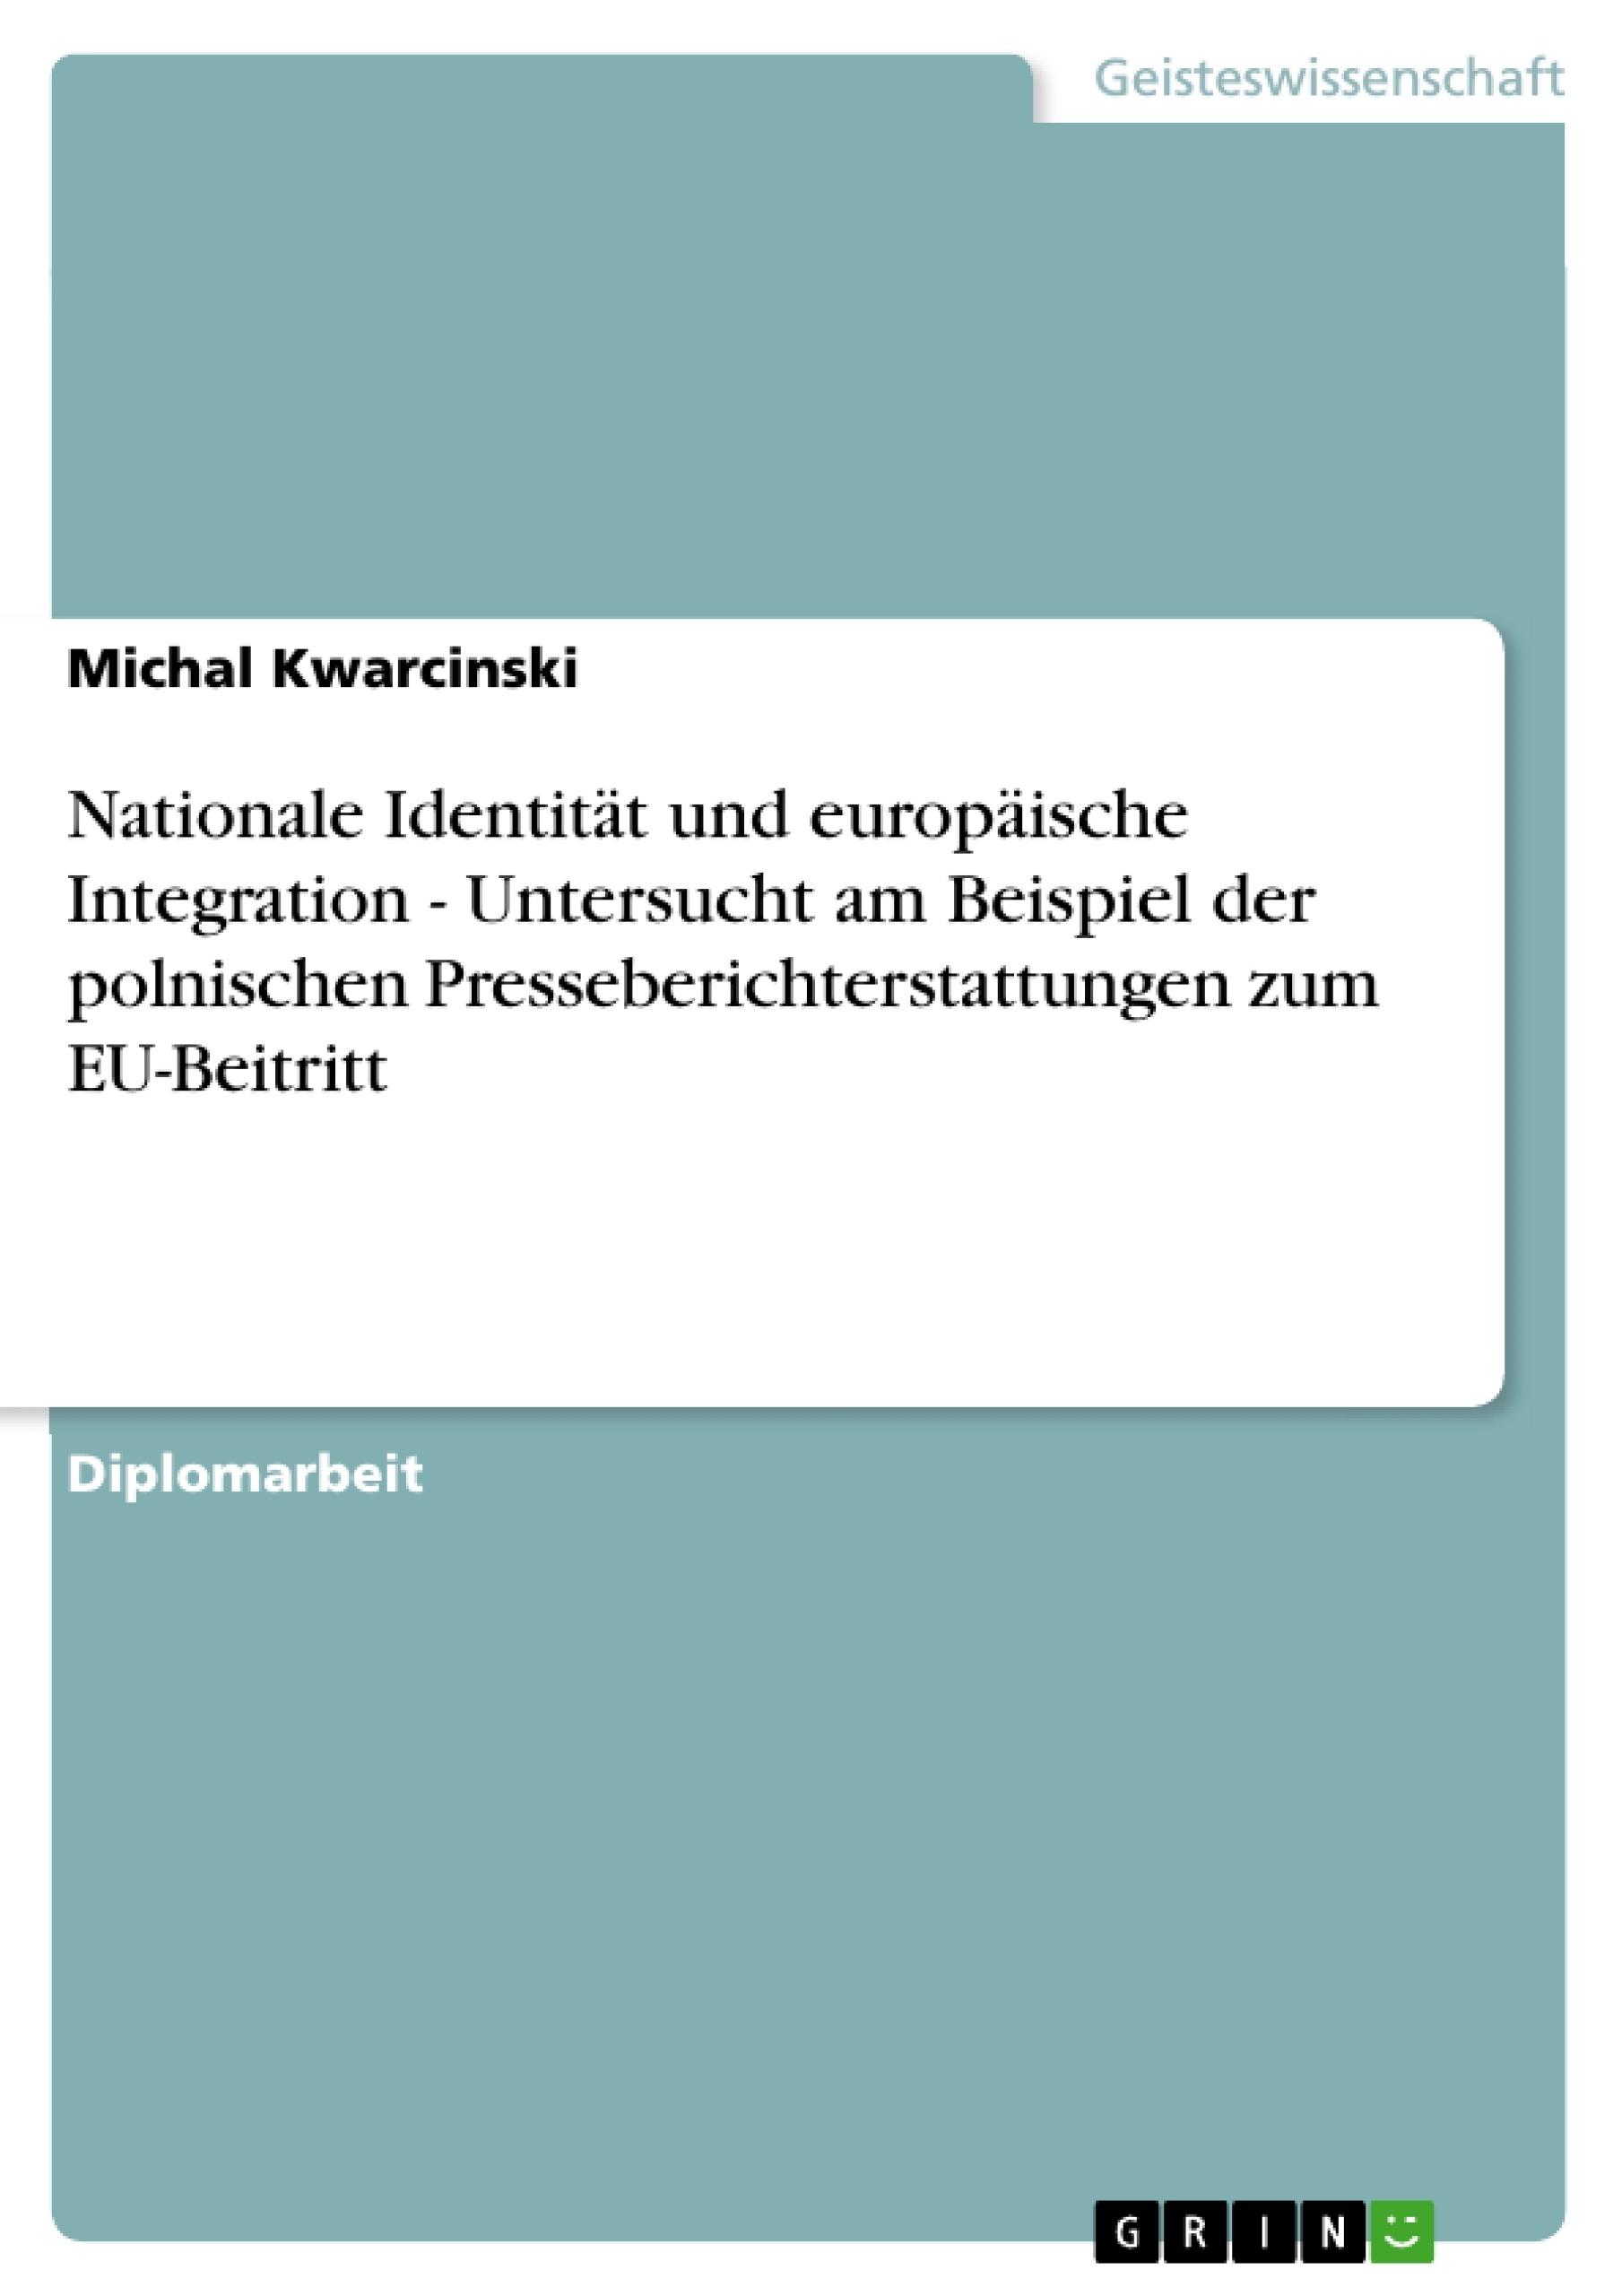 Titel: Nationale Identität und europäische Integration - Untersucht am Beispiel der polnischen Presseberichterstattungen zum EU-Beitritt